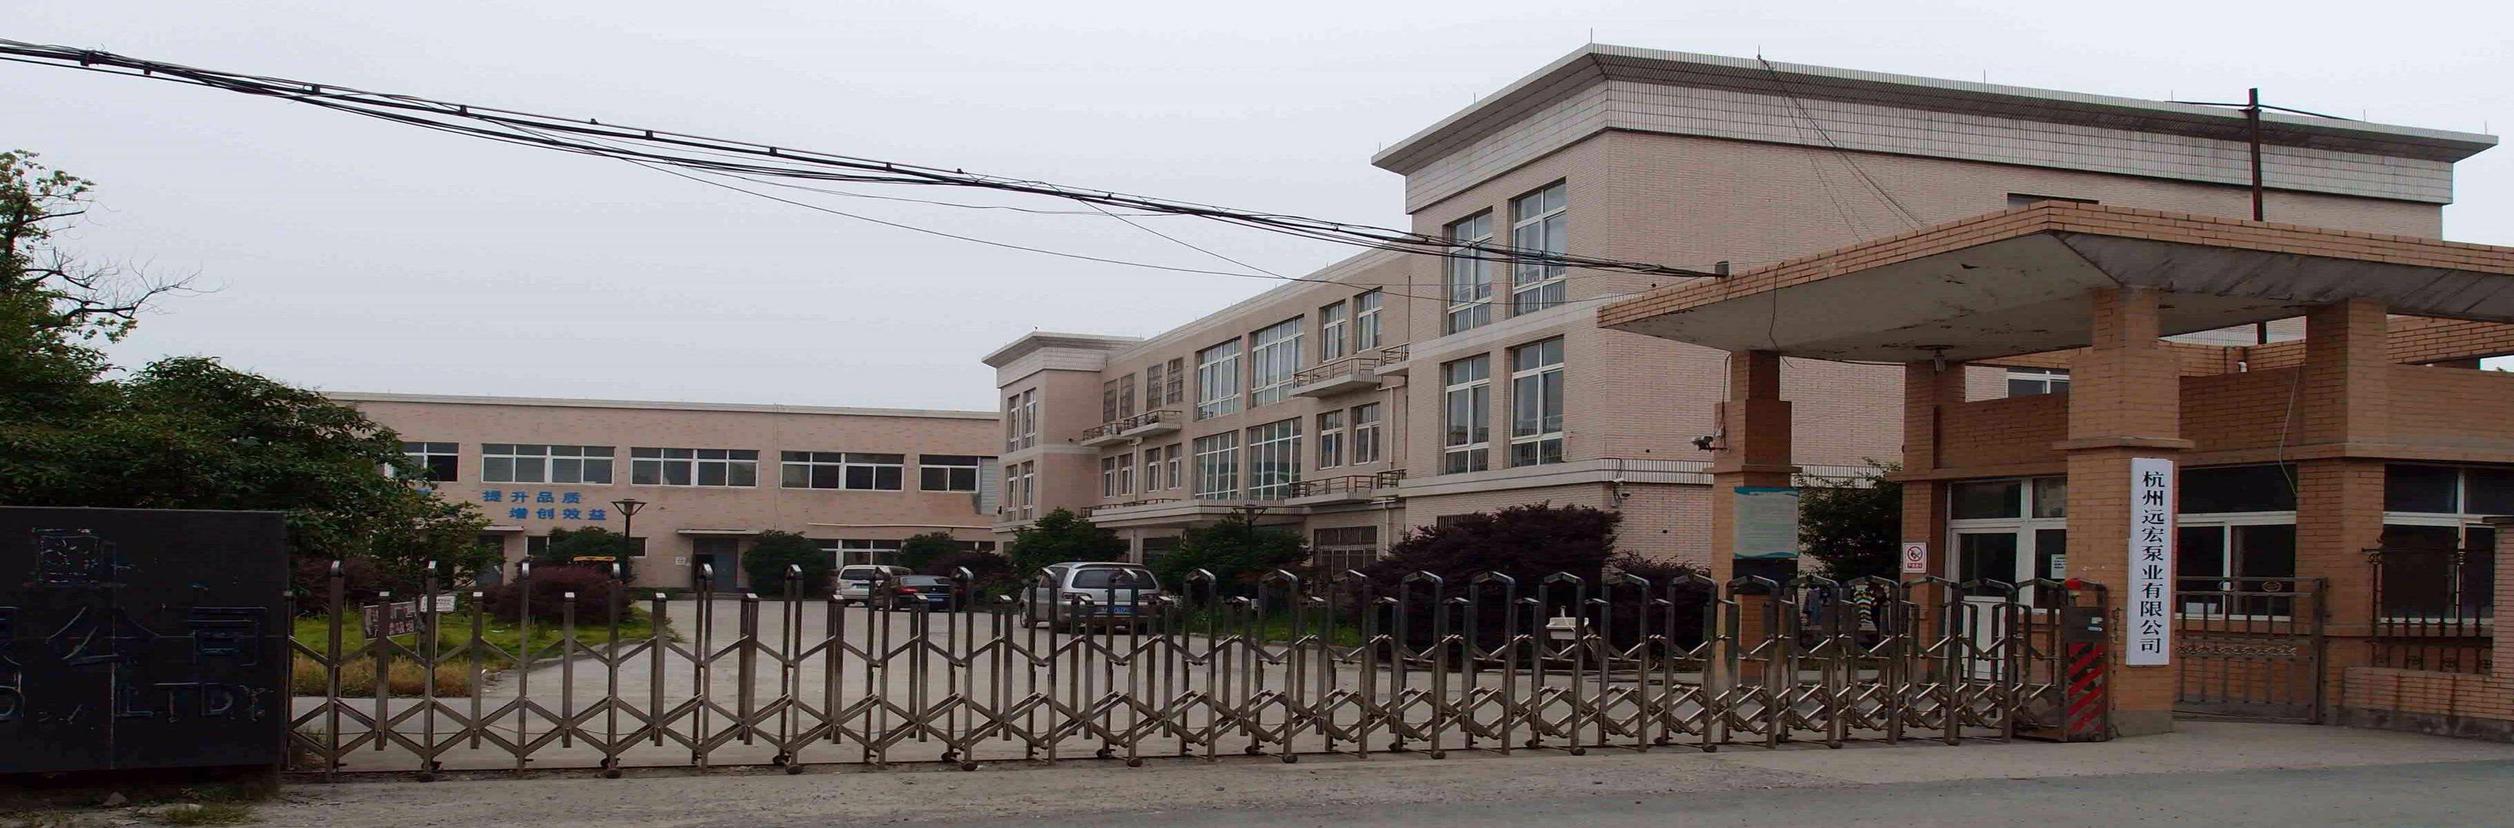 博罗泰美原房东标准厂房证件齐全13600平独院出售